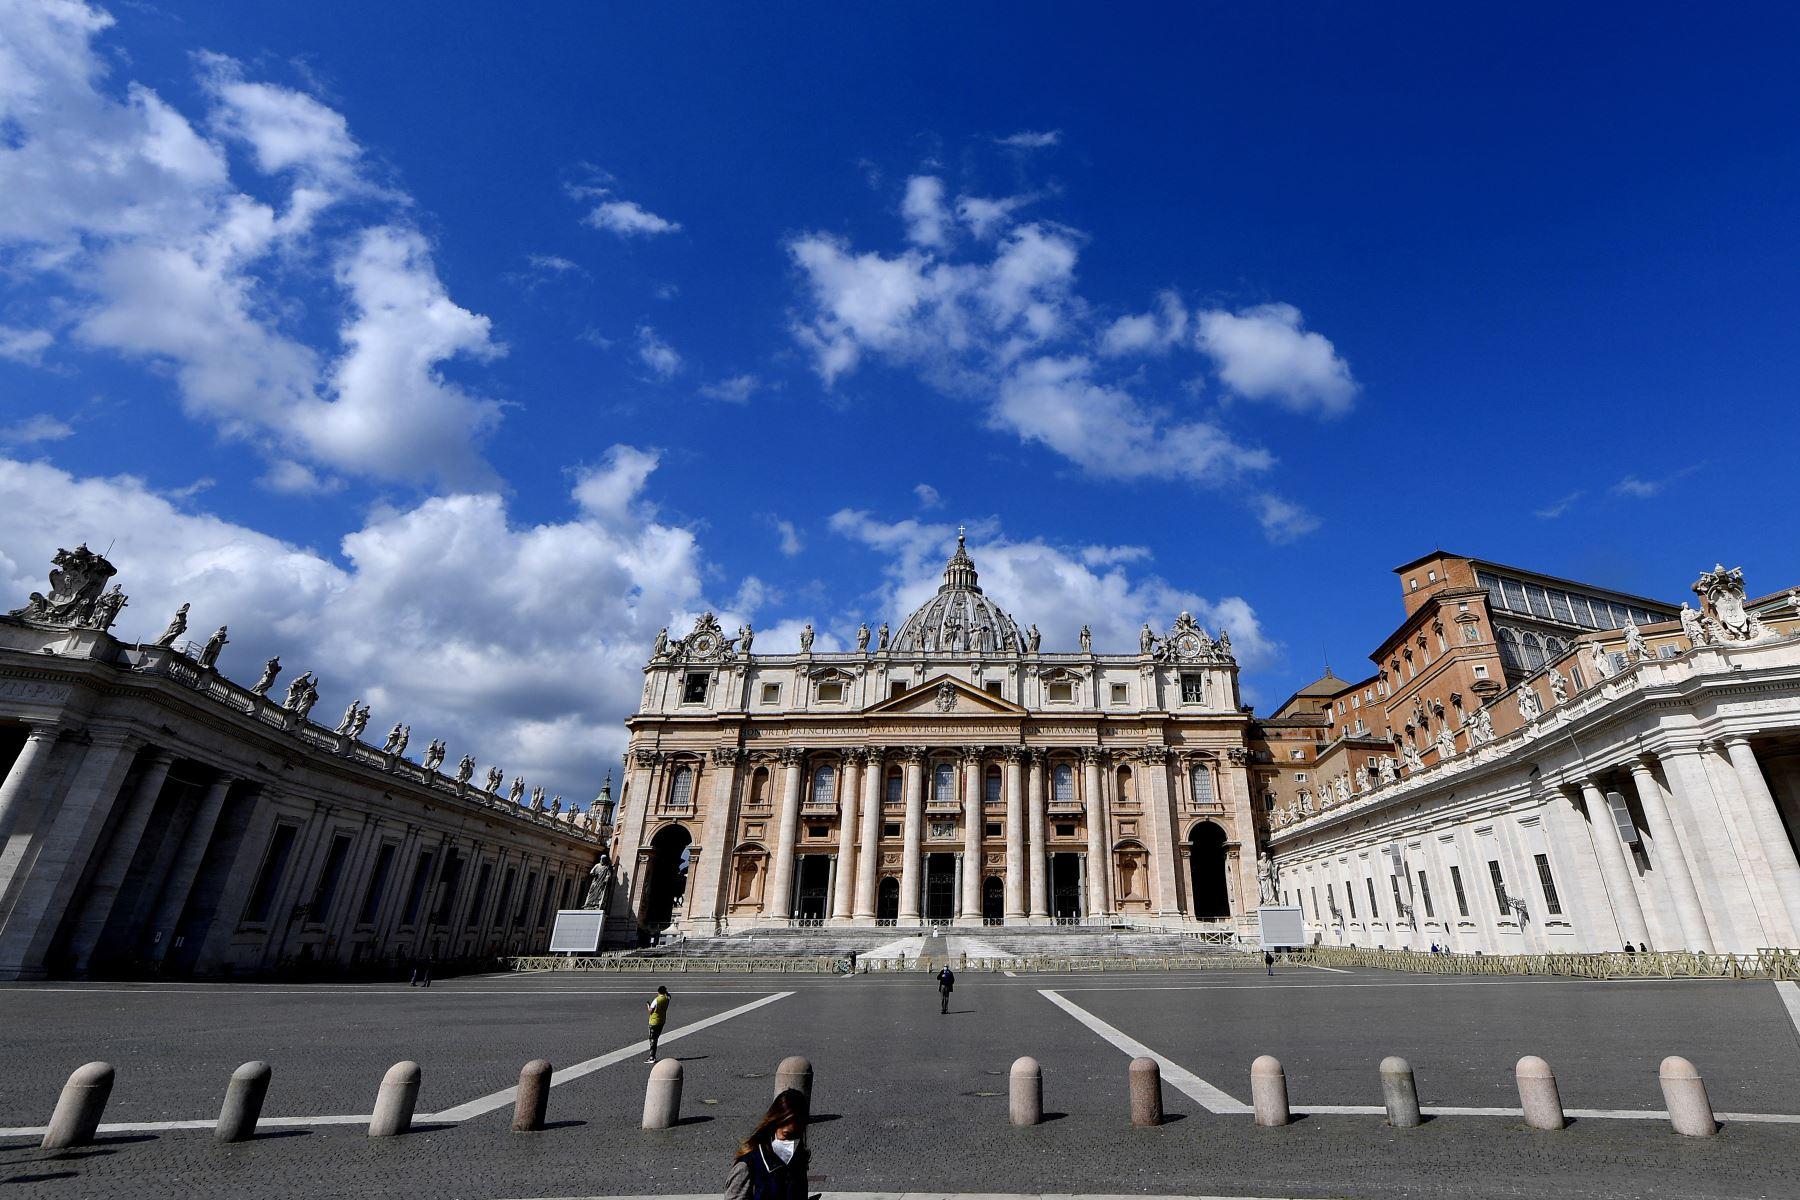 Una fotografía tomada el 5 de abril de 2021 en el Vaticano muestra una plaza de San Pedro desierta, en medio de la pandemia de Covid-19. Foto: AFP